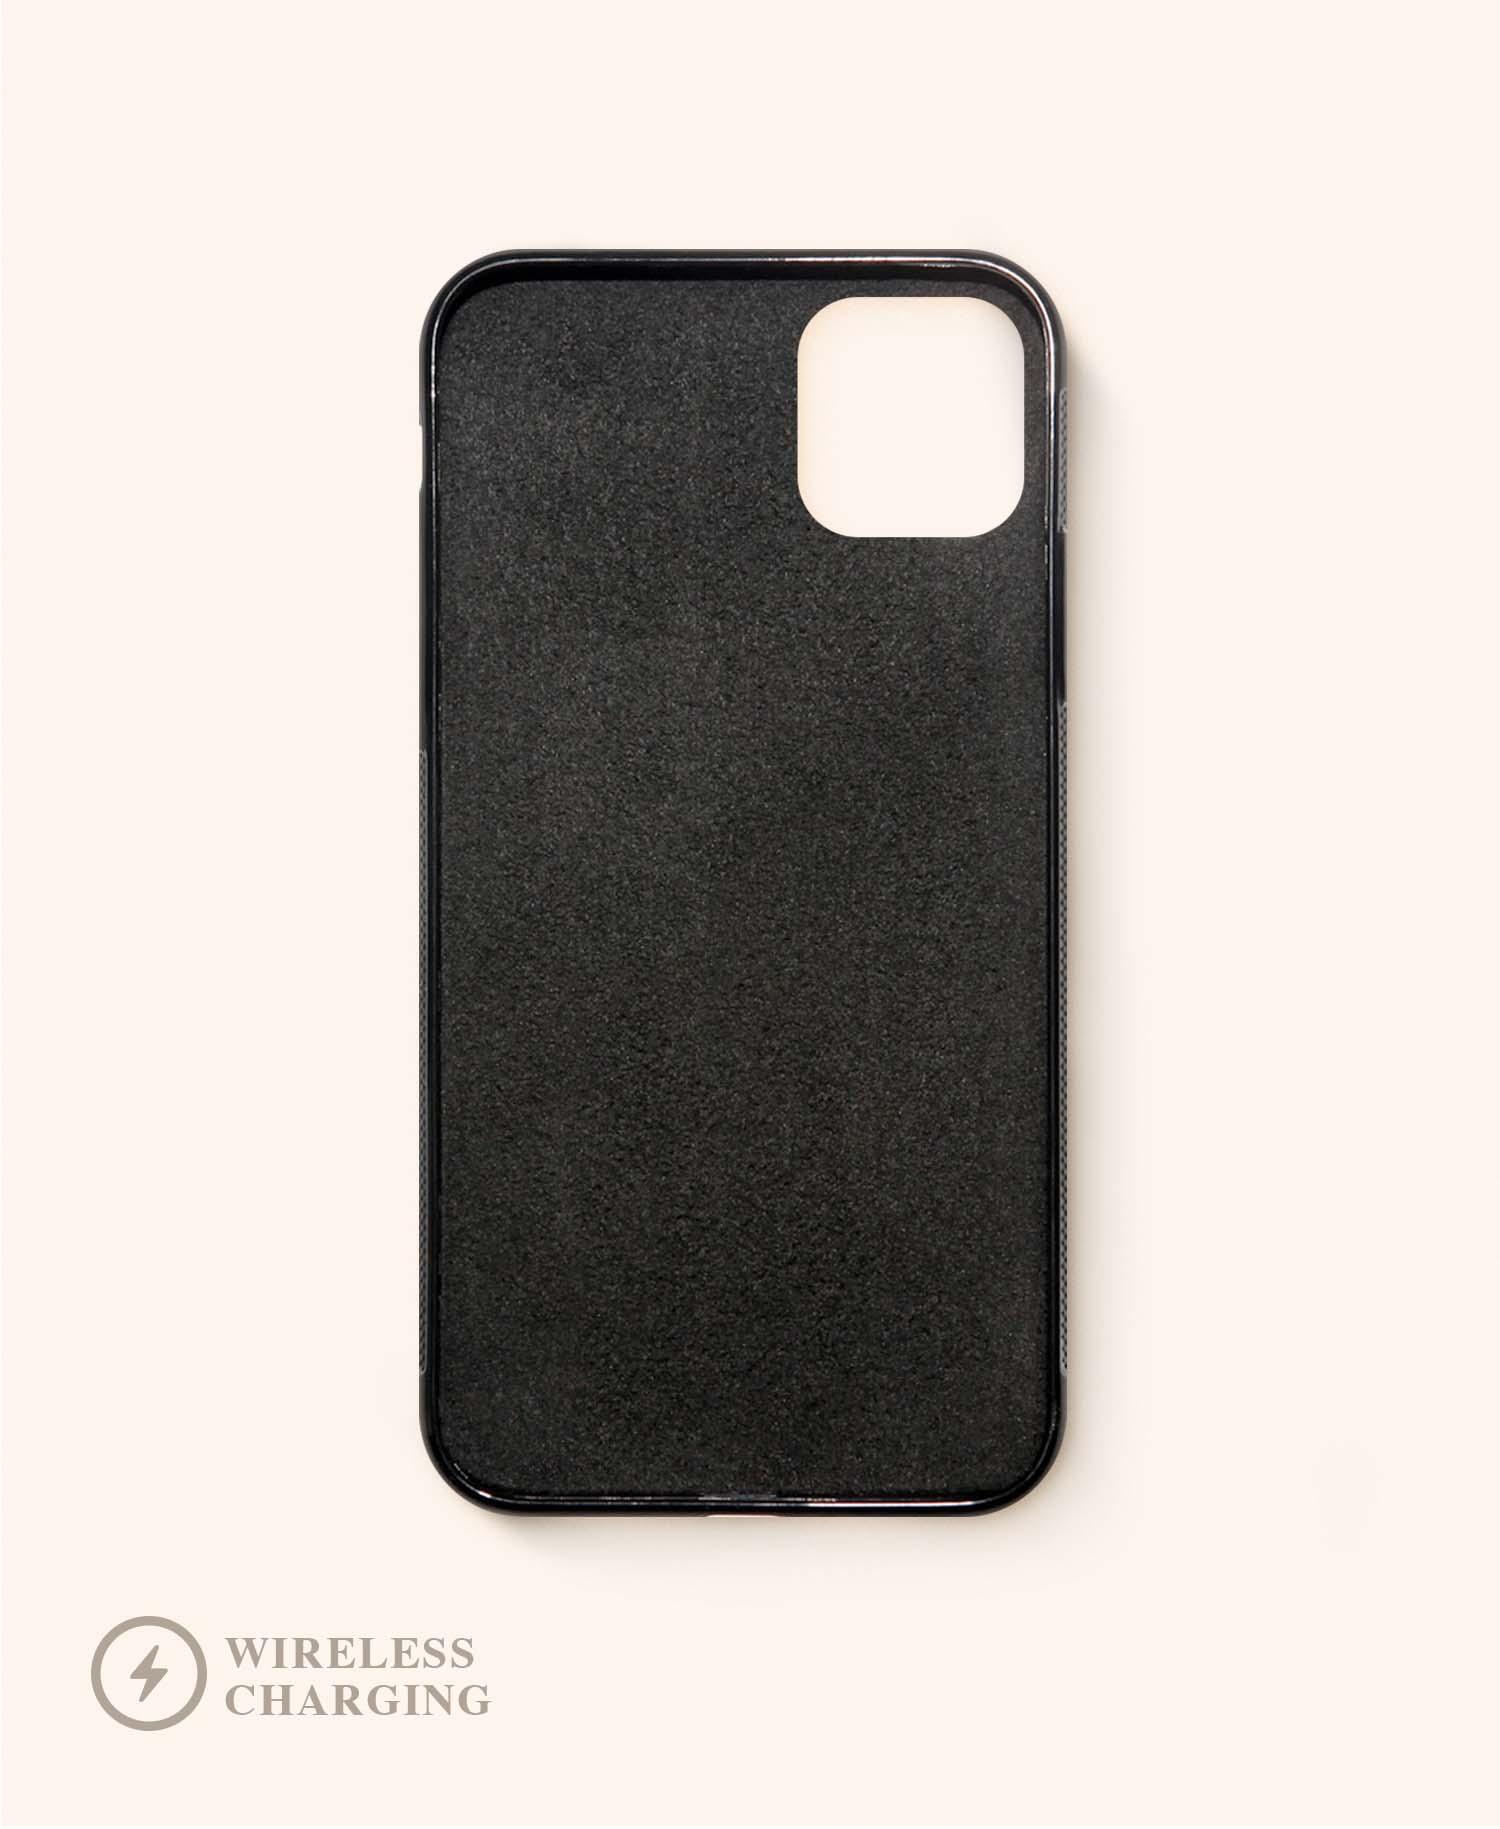 Magcase black iphone 11 Pro Max